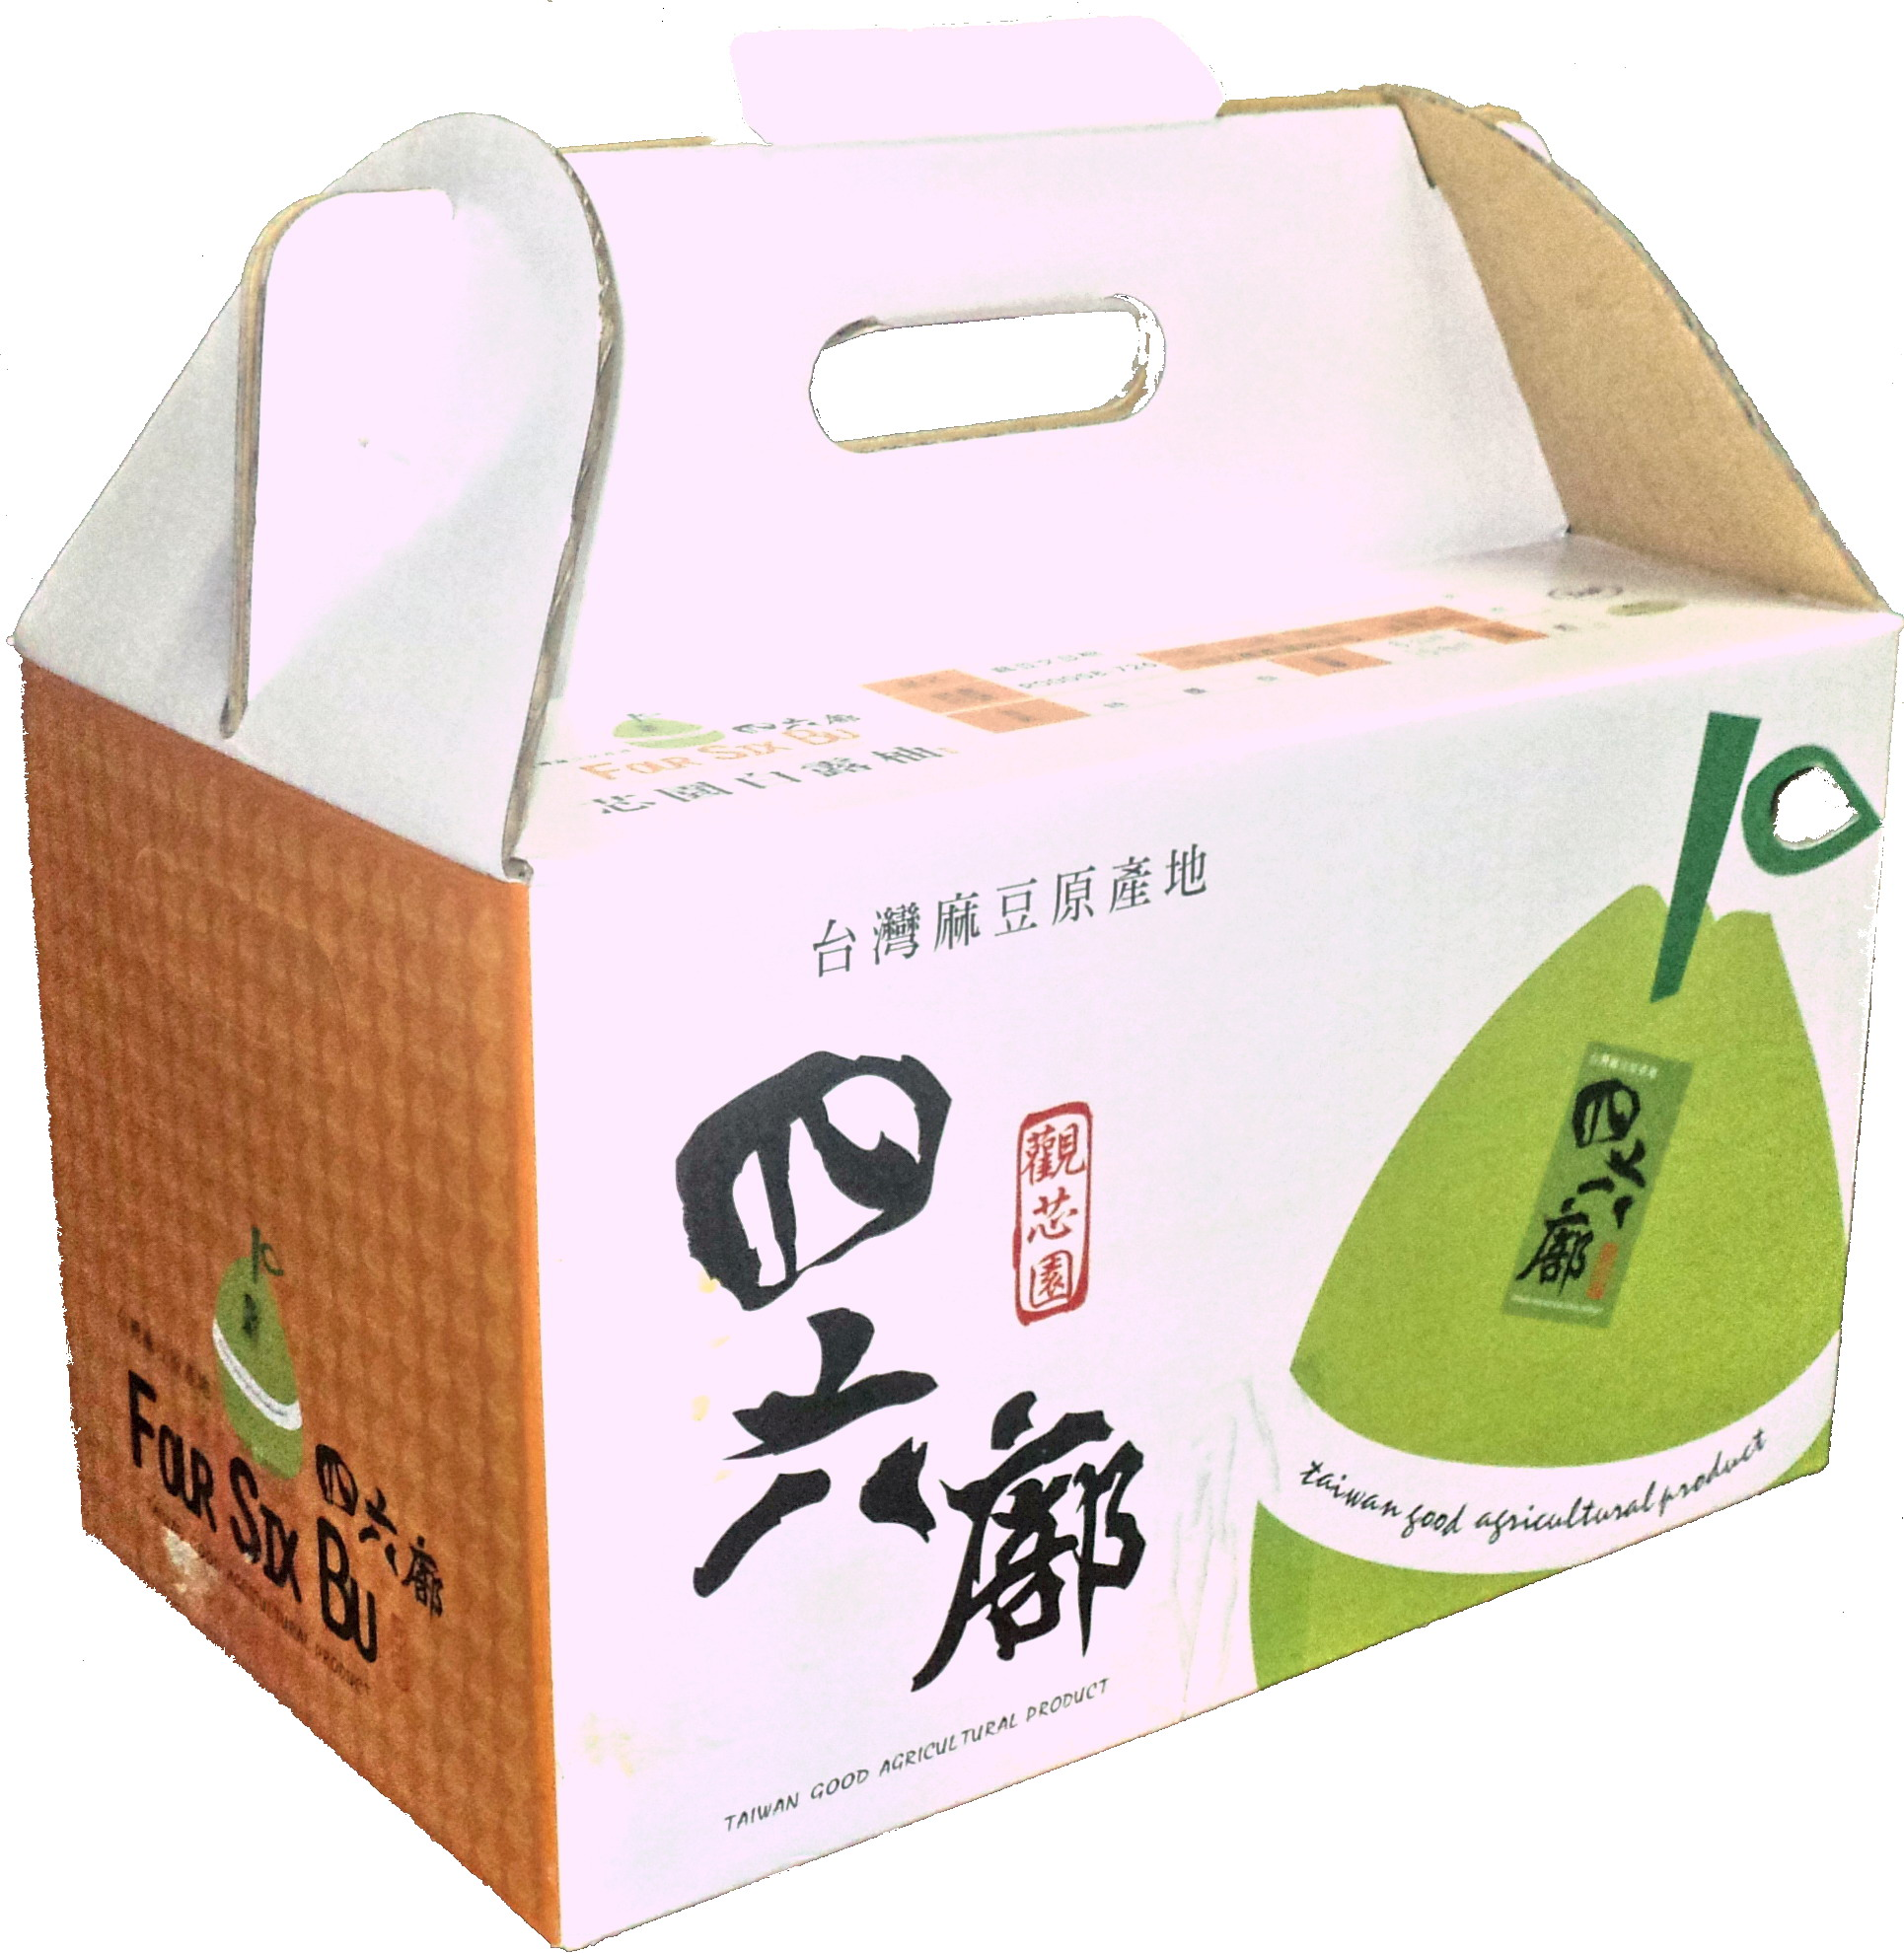 【購禮數】2017預購●芯園白露柚 (台南麻豆文旦柚) 5台斤 (優) Fresh Fruit Pomelo (Shaddock) 免運費